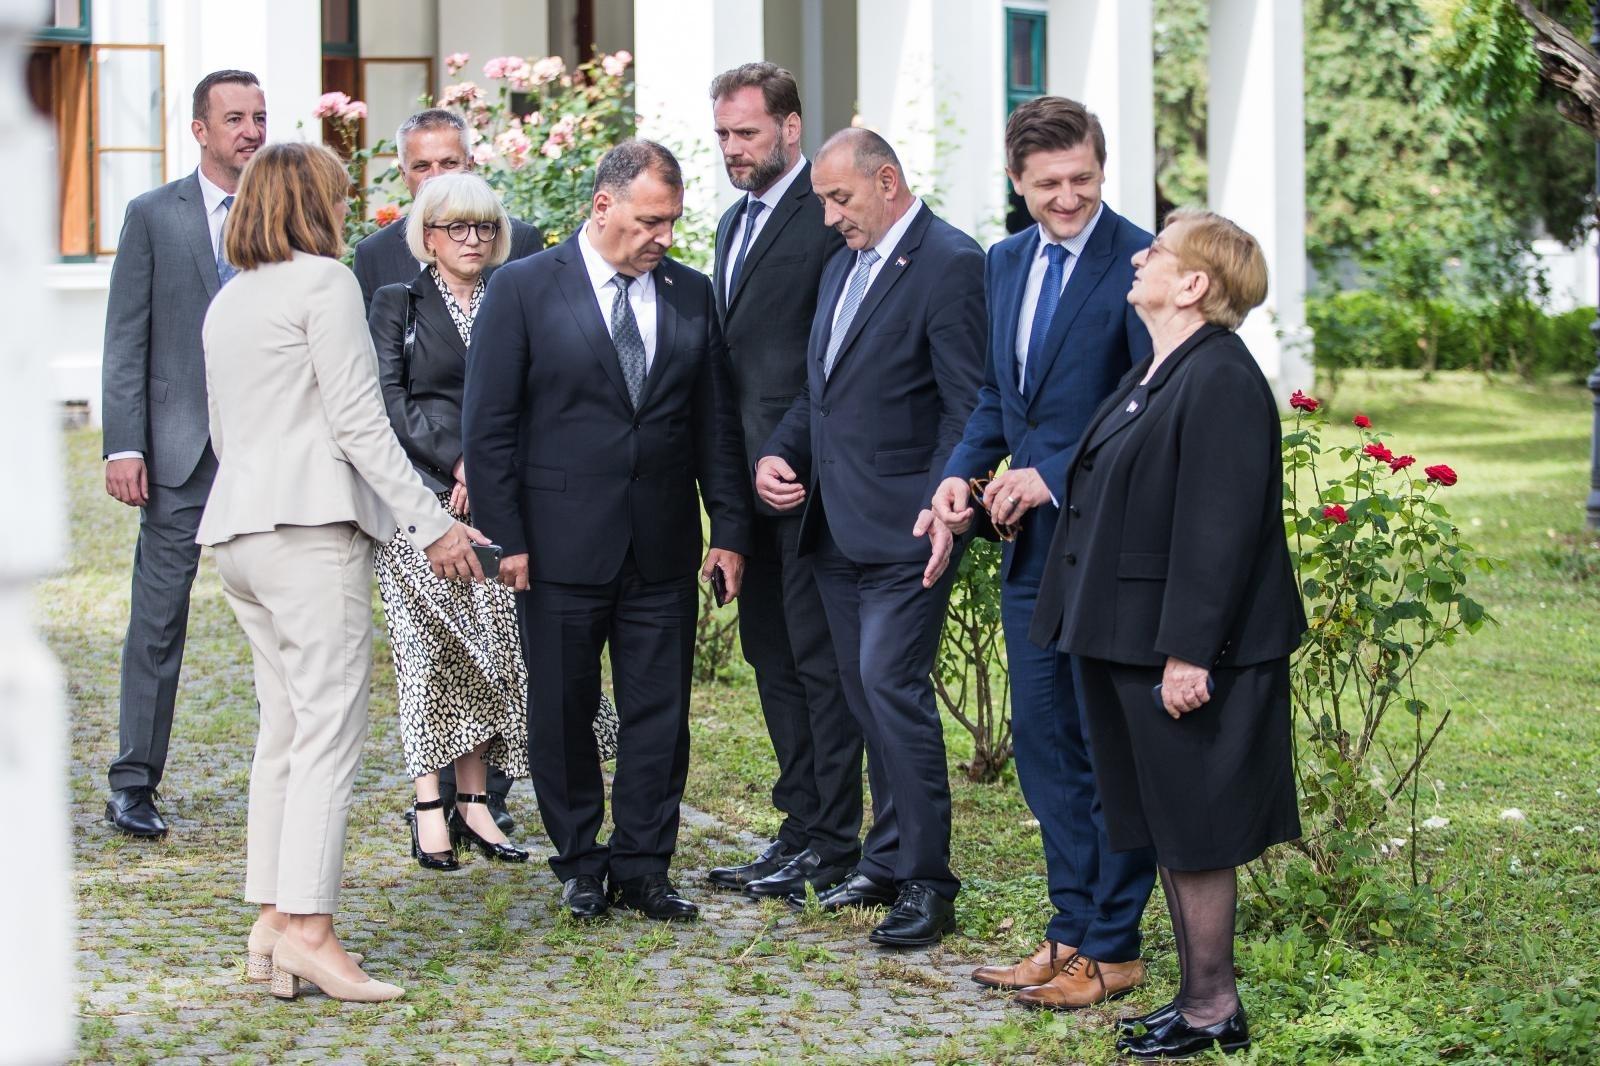 Ministar zdravstva Vili Beroš u grupi koja ne pazi na socijalnu distancu